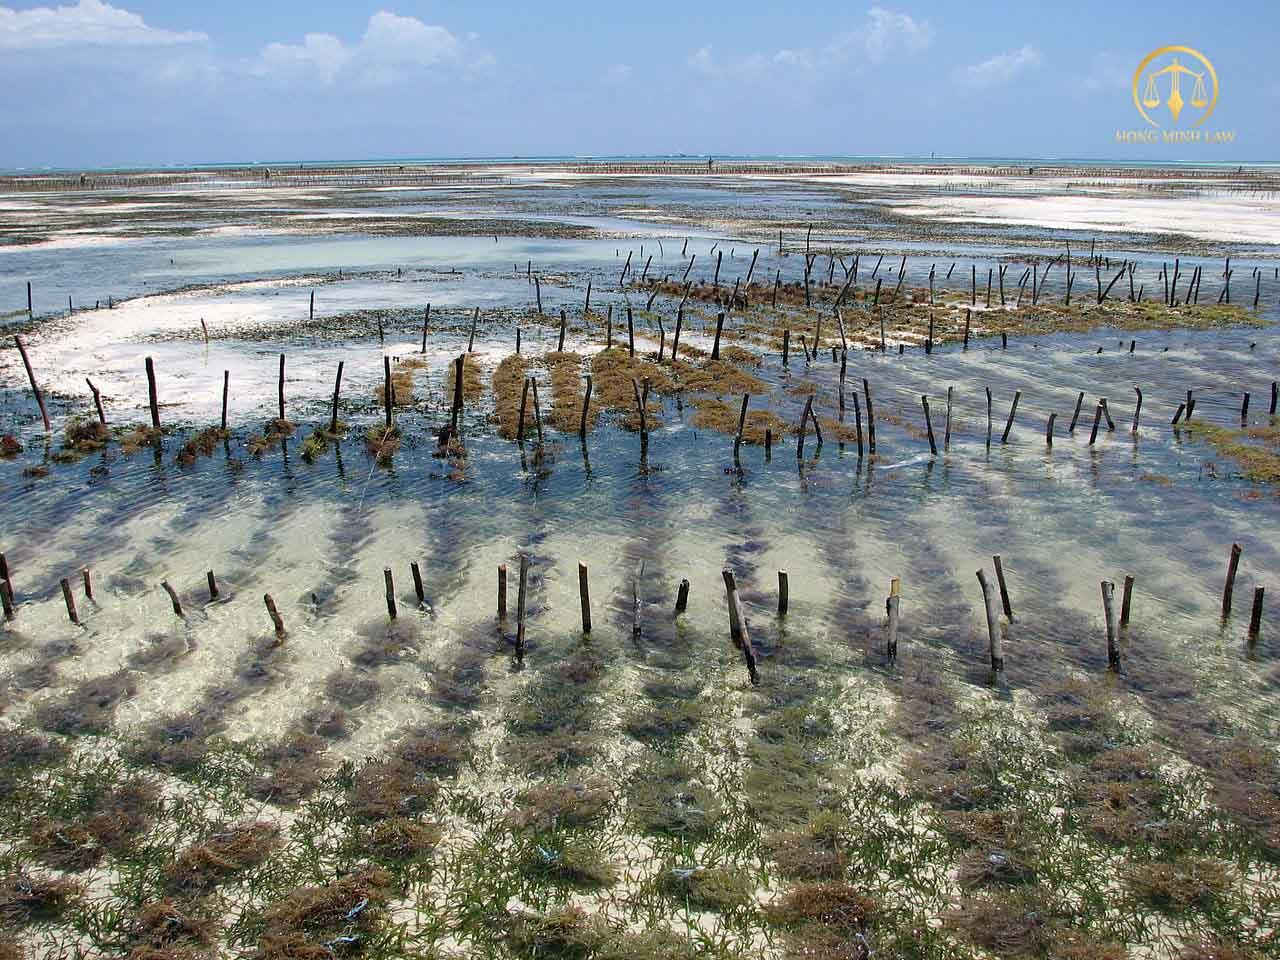 Đổi sử dụng đất rừng sản xuất sang đất nuôi trồng thủy sản